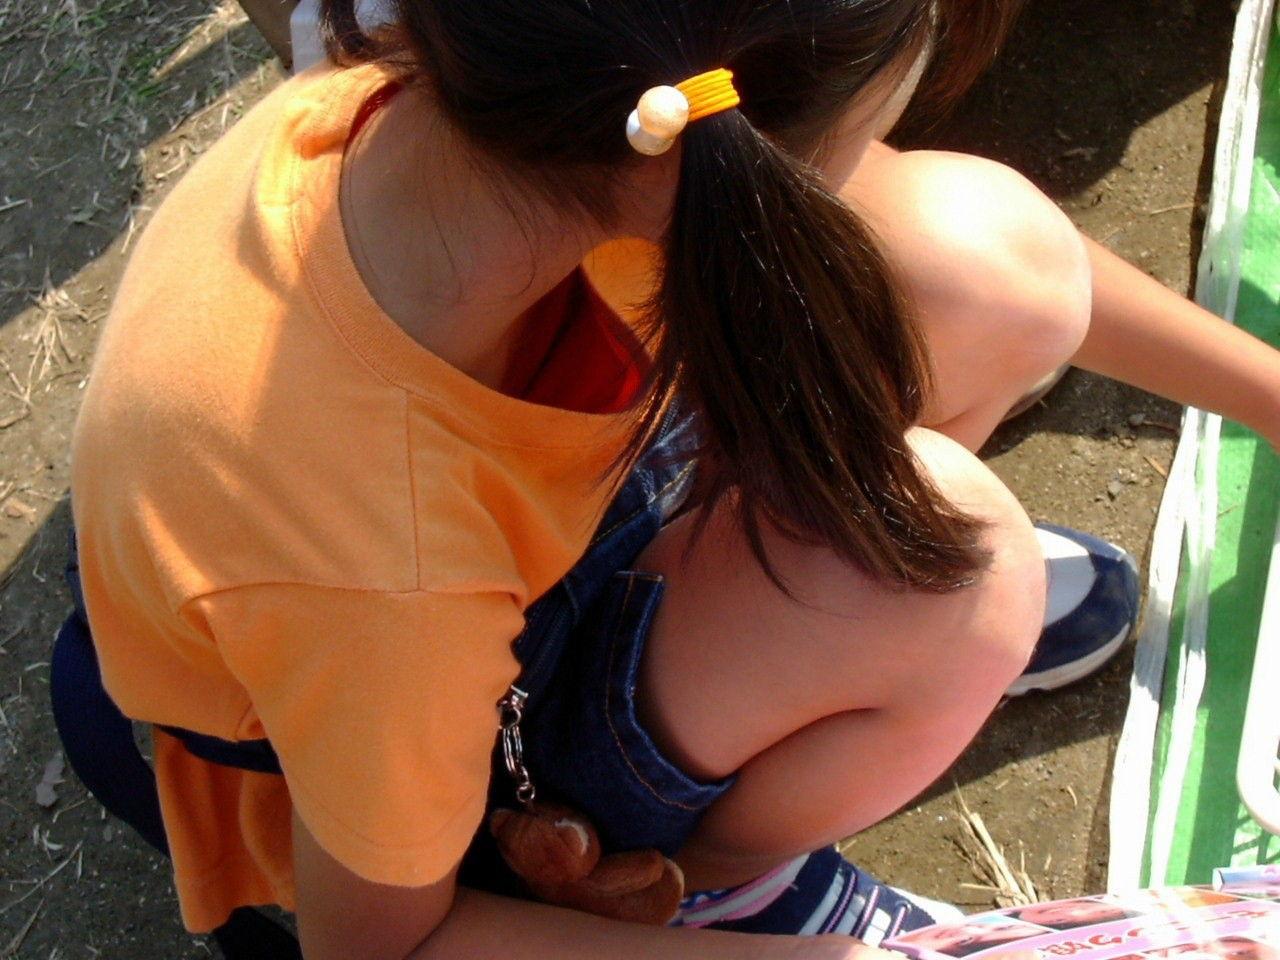 JSの膨らみかけオッパがTシャツの胸元から見えた!